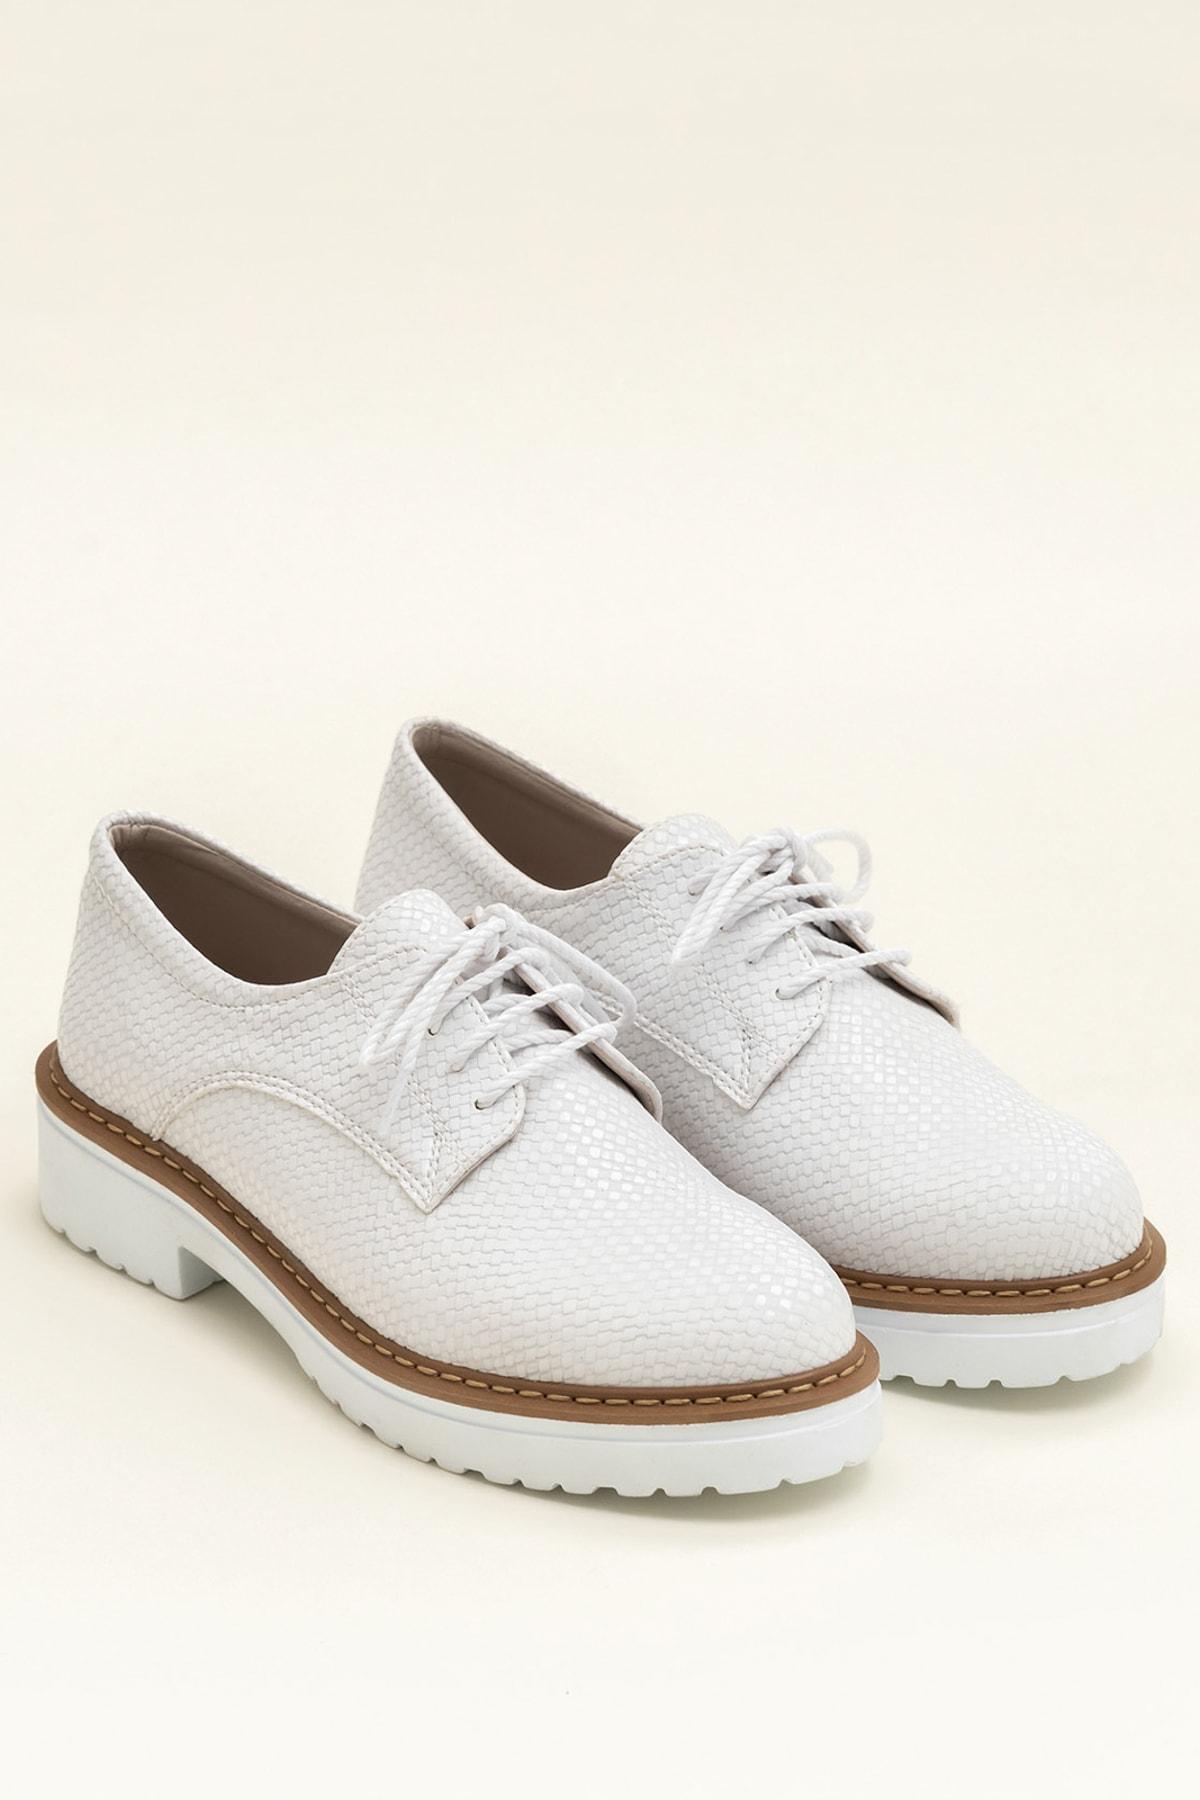 Elle Shoes LYSANNE-1 Beyaz Kadın Ayakkabı 2